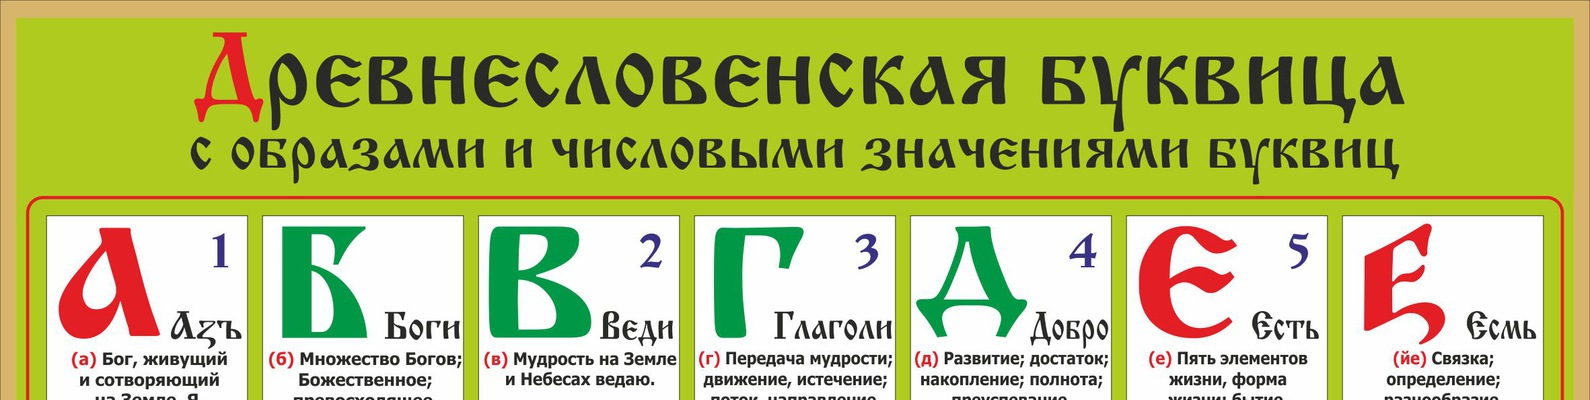 Купитьские кровати в Минске, Гомеле, Витебске, Могилеве, каталог